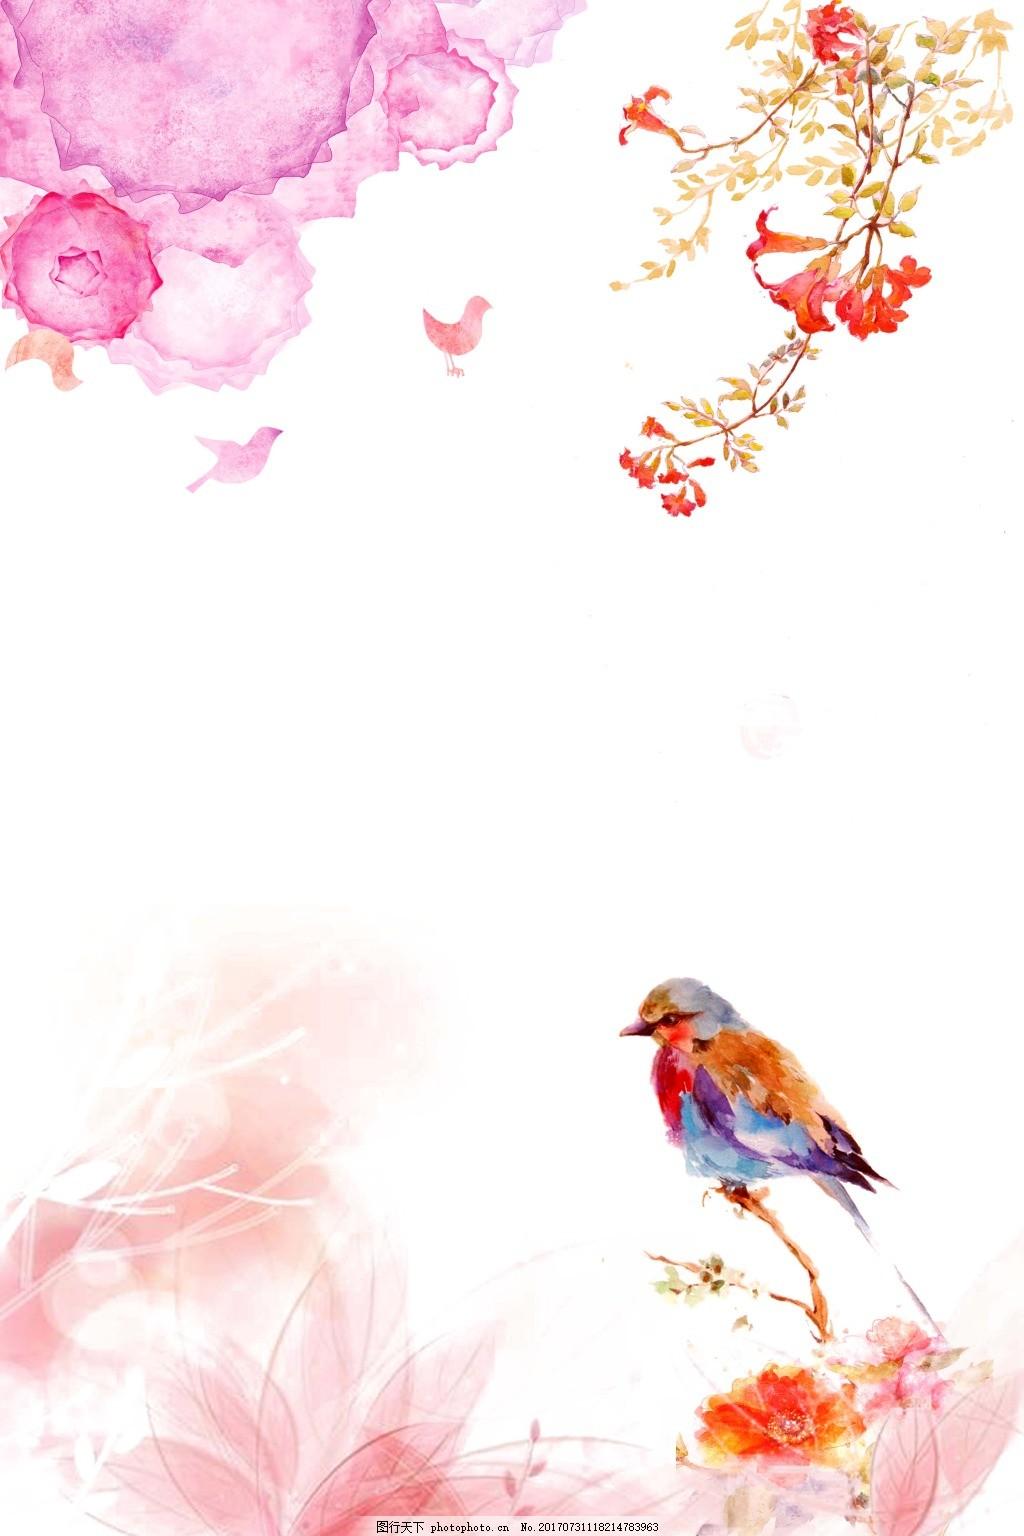 彩色水墨花鸟图背景 浪漫 中国风 水墨画 粉色渐变 花朵 彩色小鸟